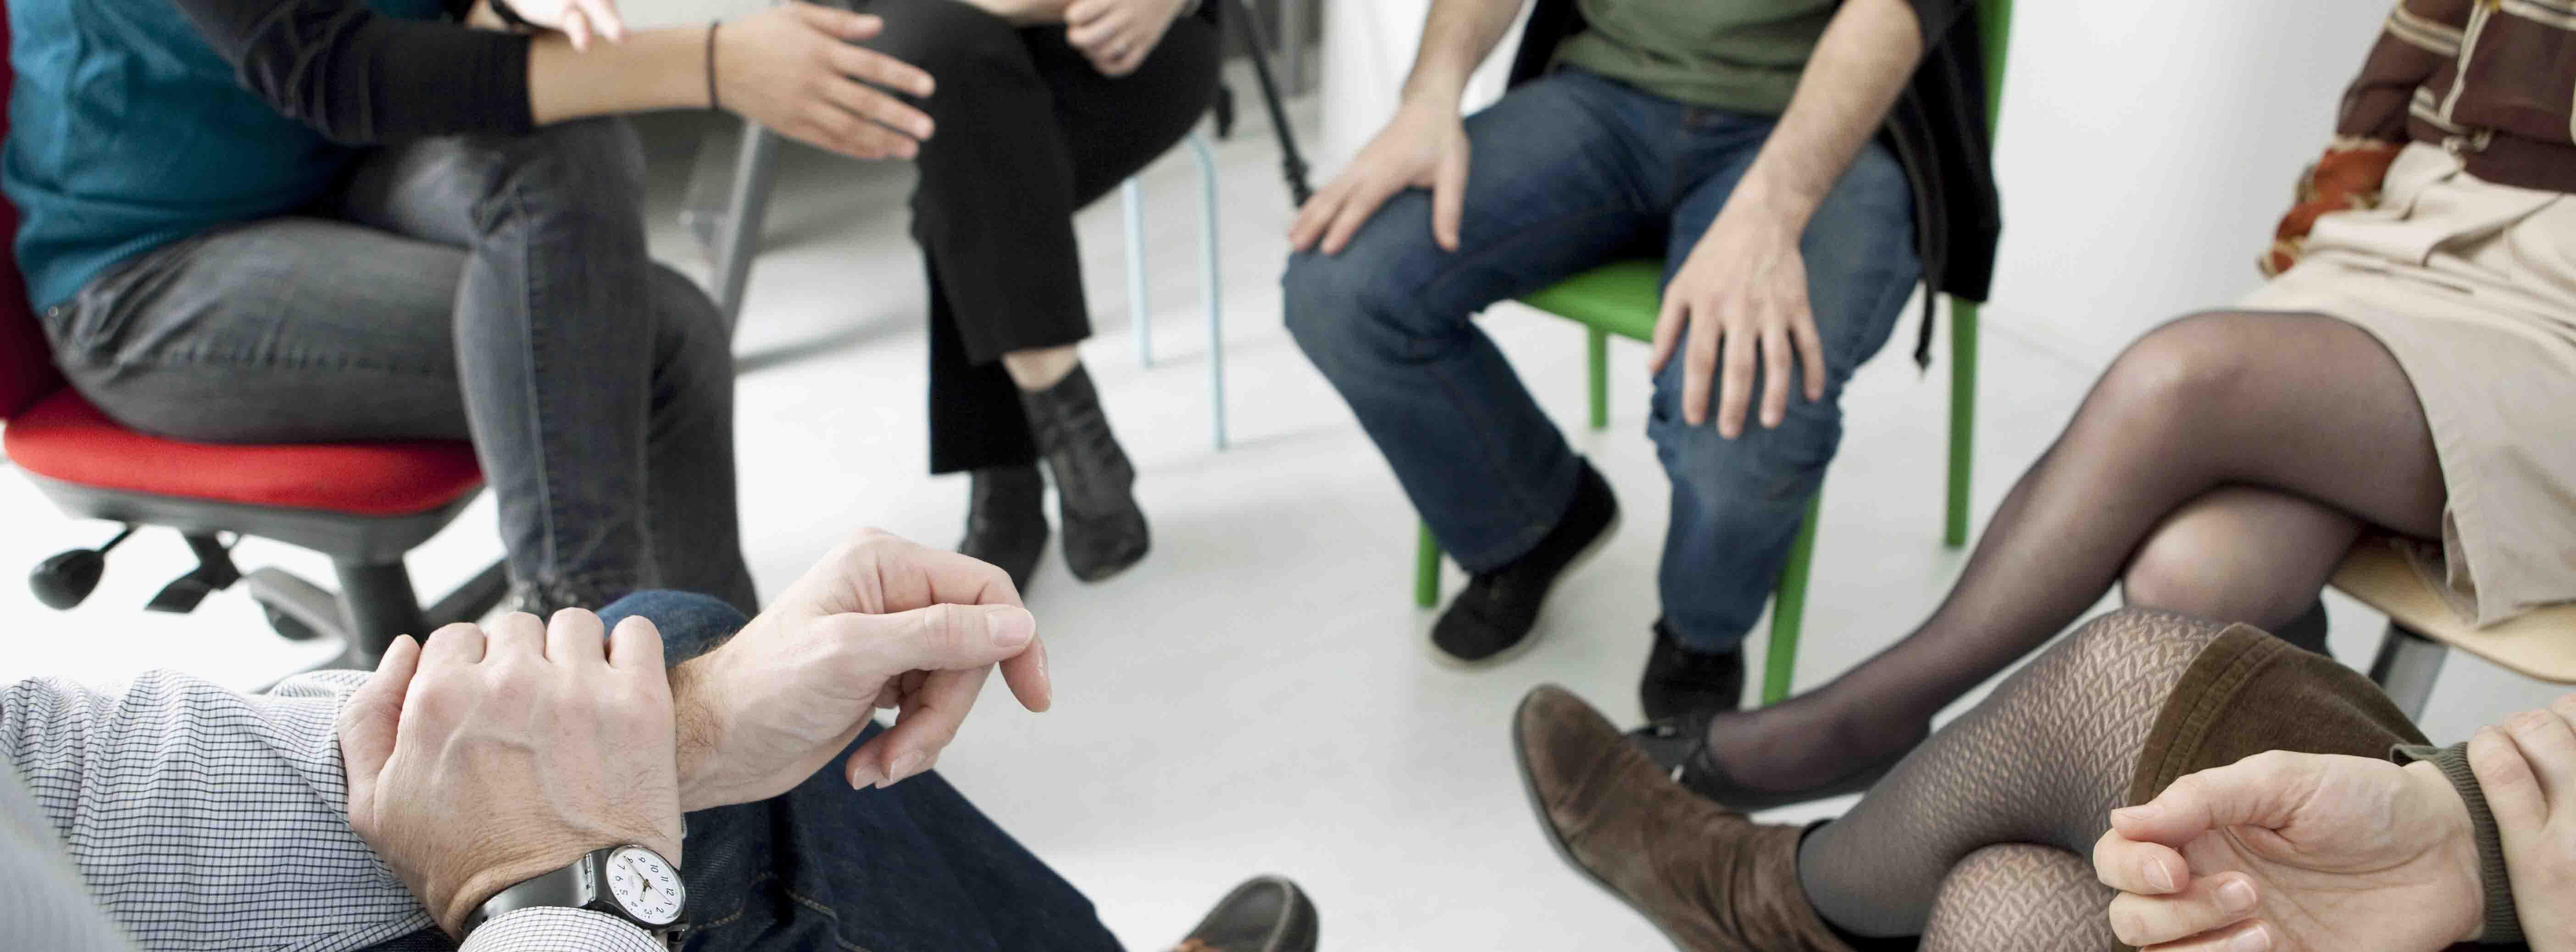 Terapia de grupo - De Salud Psicólogos